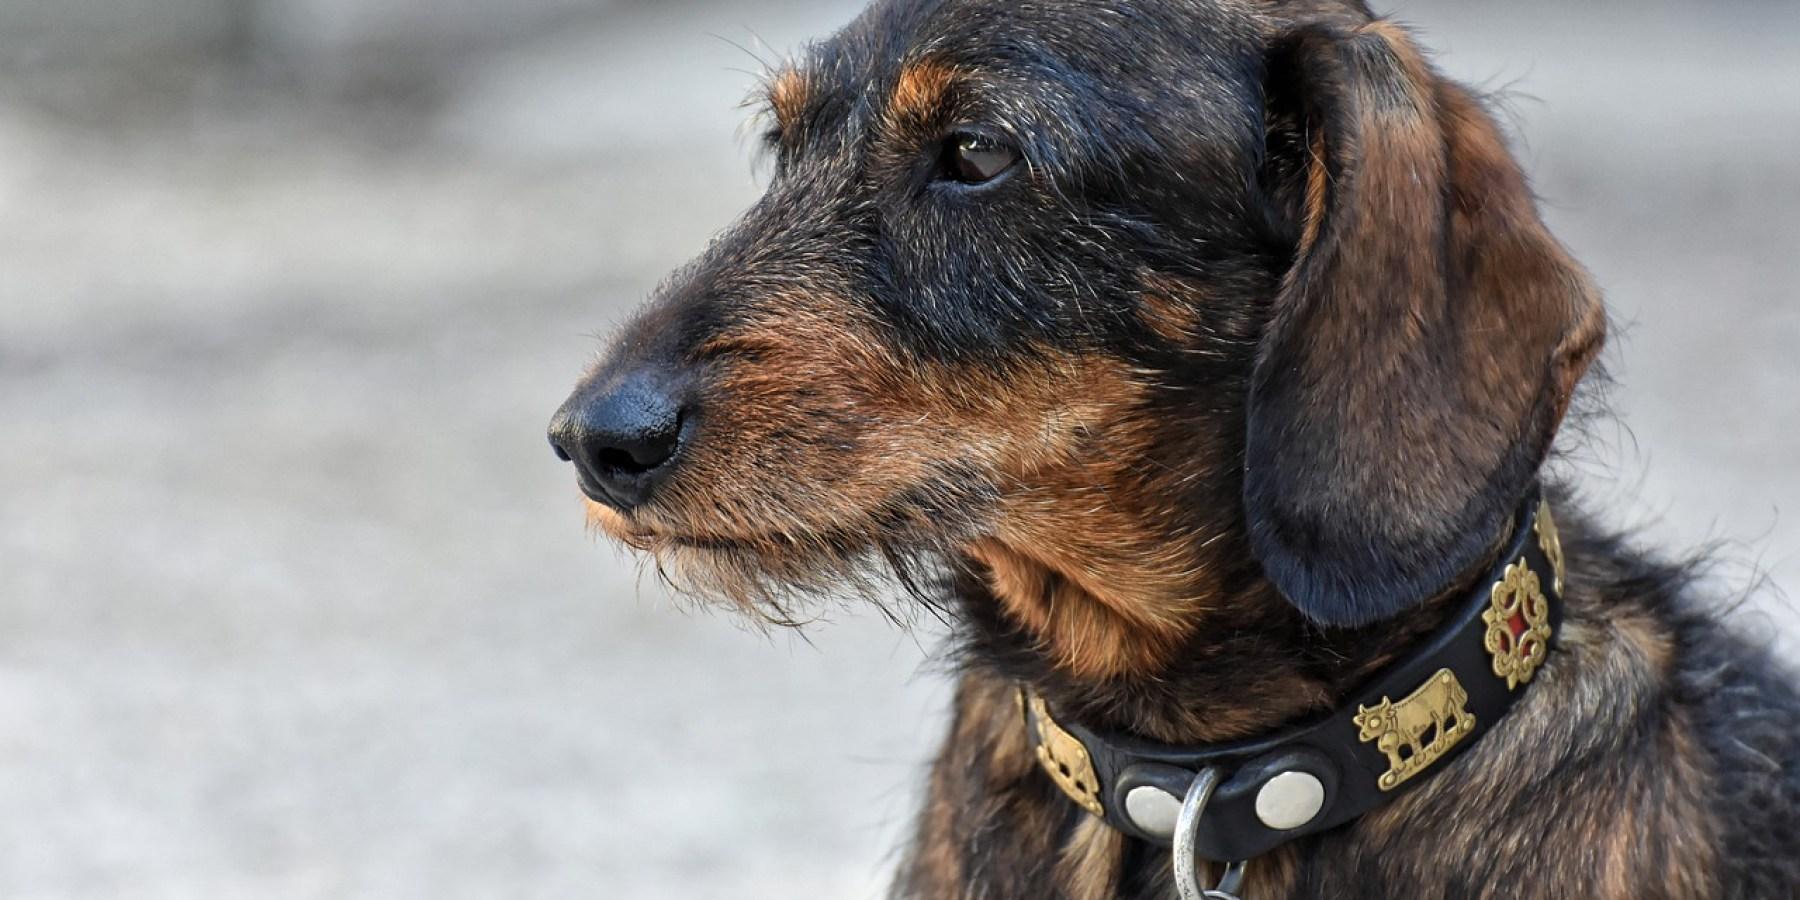 Hundespaziergänger wird von Räuberduo überfallen und attackiert